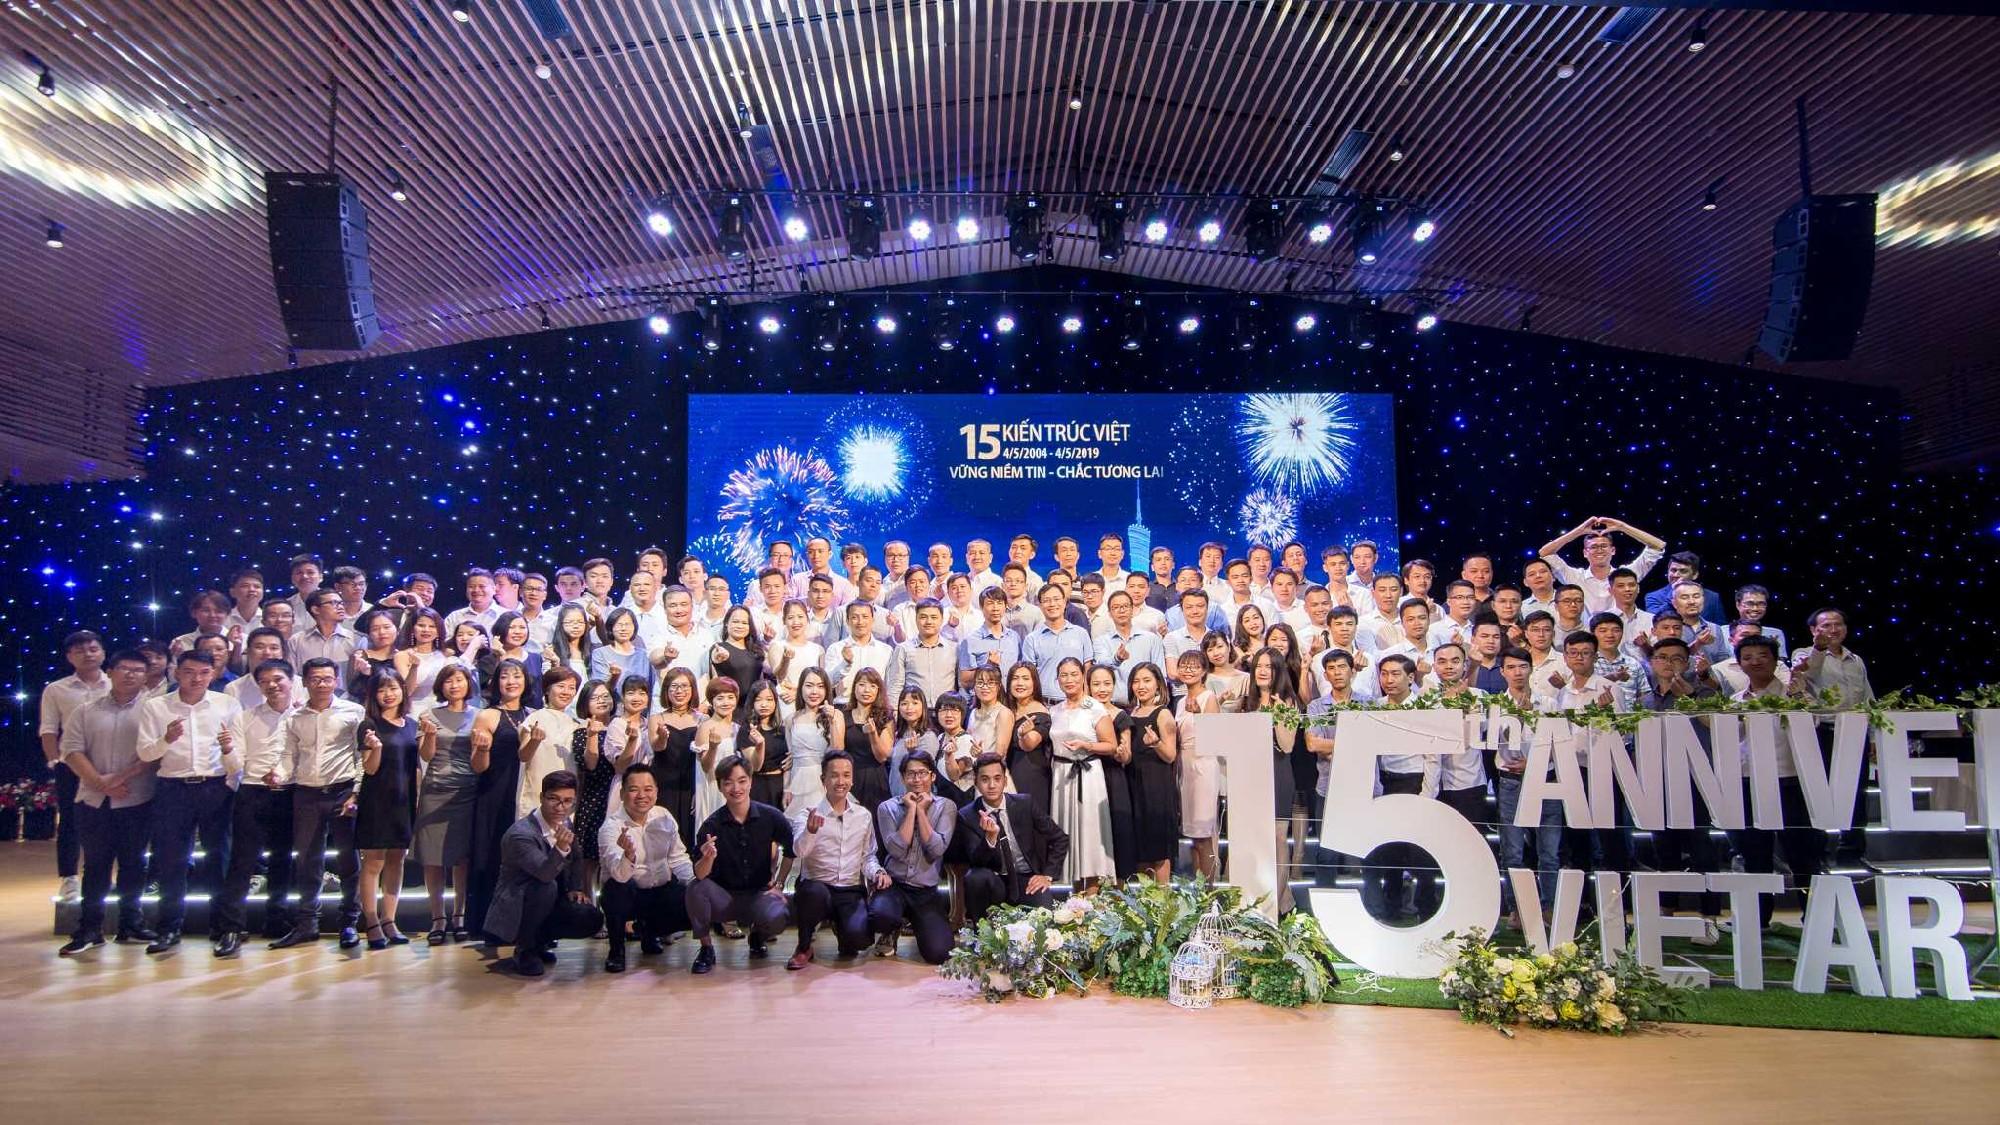 Gala Dinner kỷ niệm 15 năm thành lập Công ty